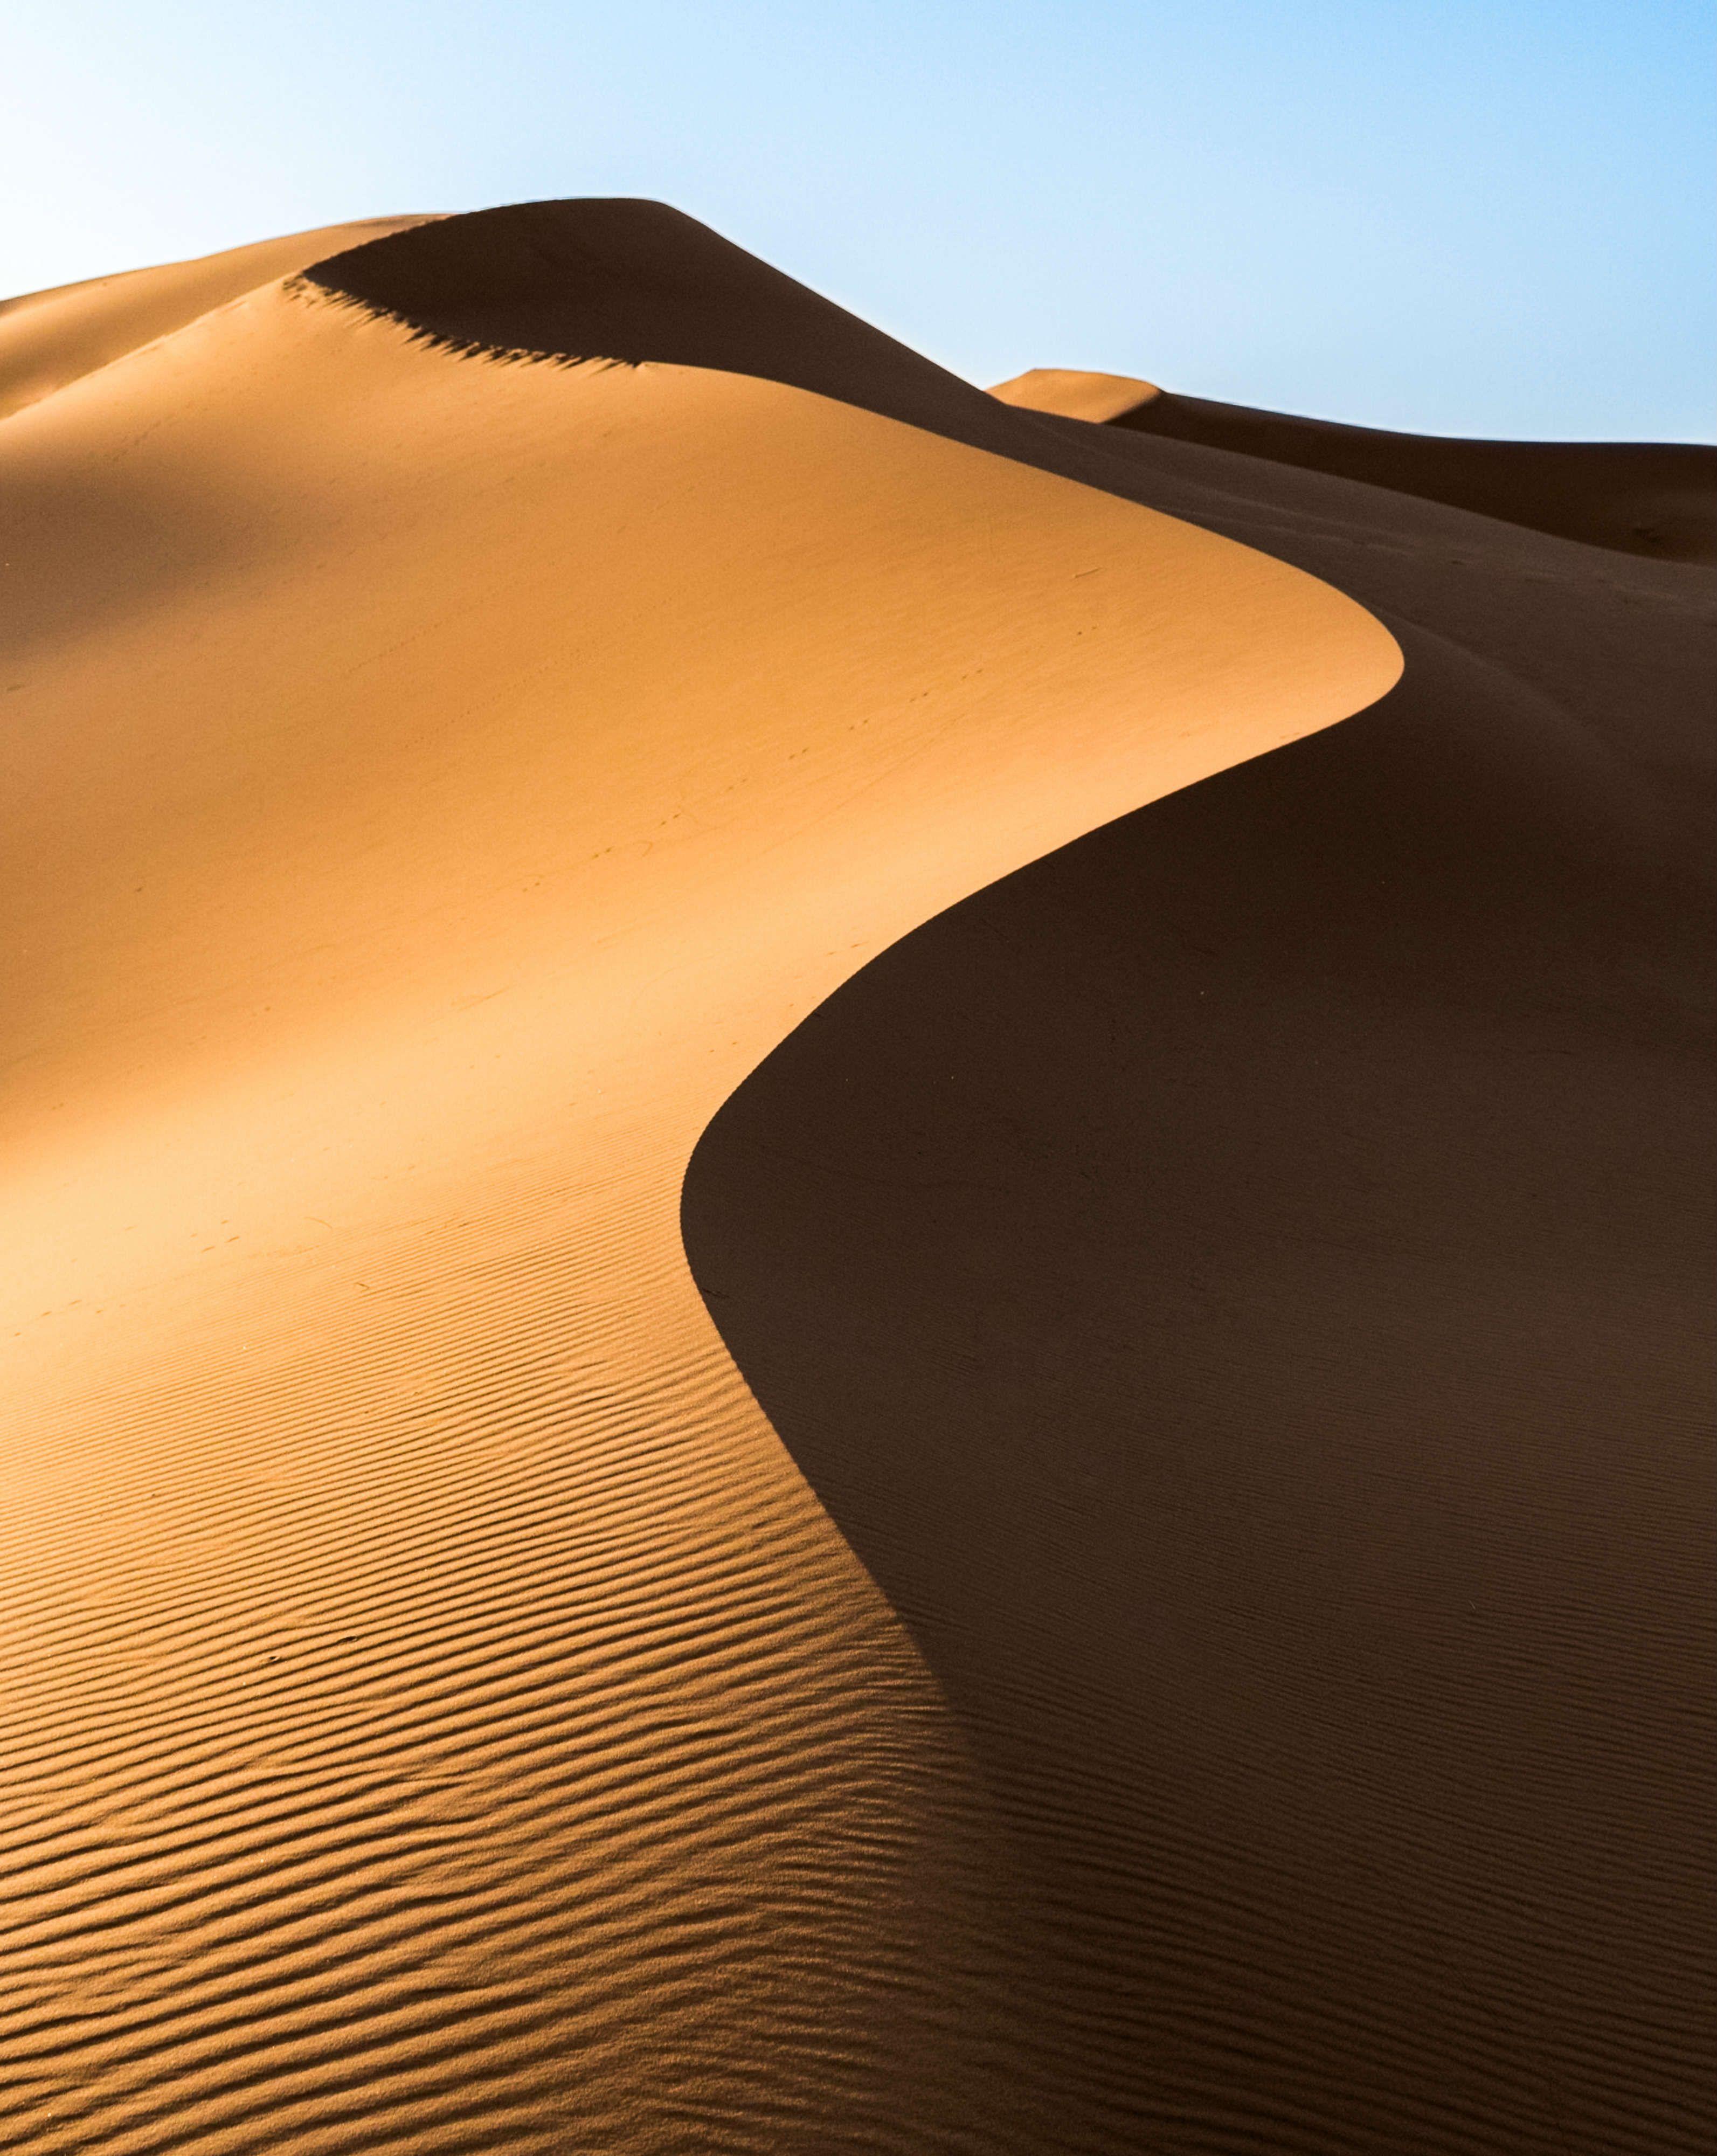 A Dune Or Giant Swirl Of Peanut Butter Sahara Desert Morocco Oc 3186x4000 Https Ift Tt 2l2m6hn Desert Landscaping Desert Pictures Cool Landscapes